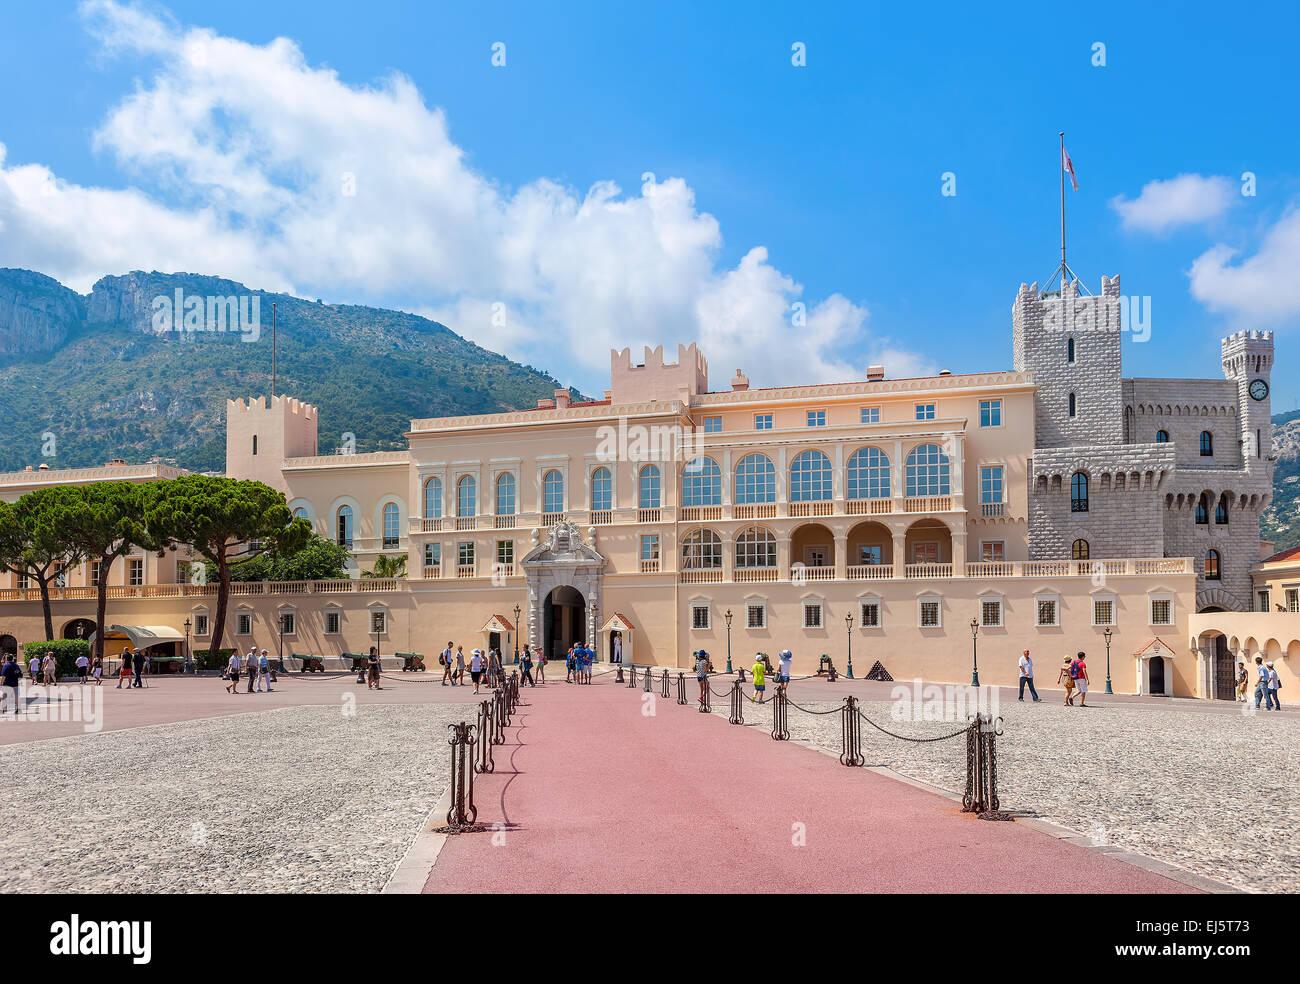 Piazza e vista della facciata del palazzo - residenza ufficiale del Principe di Monaco. Immagini Stock